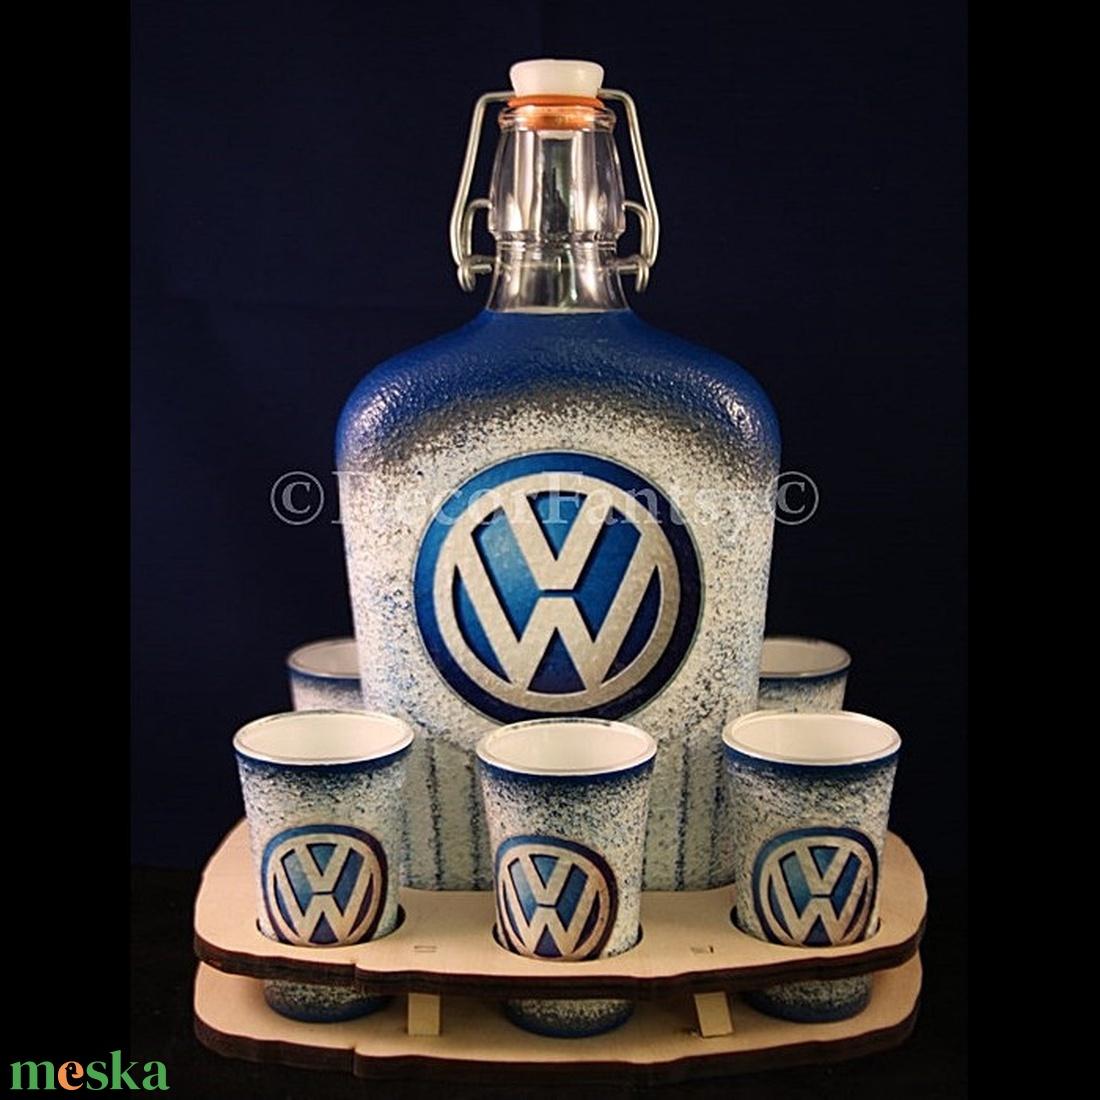 VOLKSWAGEN emblémával díszített pálinkás szett ( 6x45ml pohár + 0,5 l üveg + tartó )  (decorfantasy) - Meska.hu